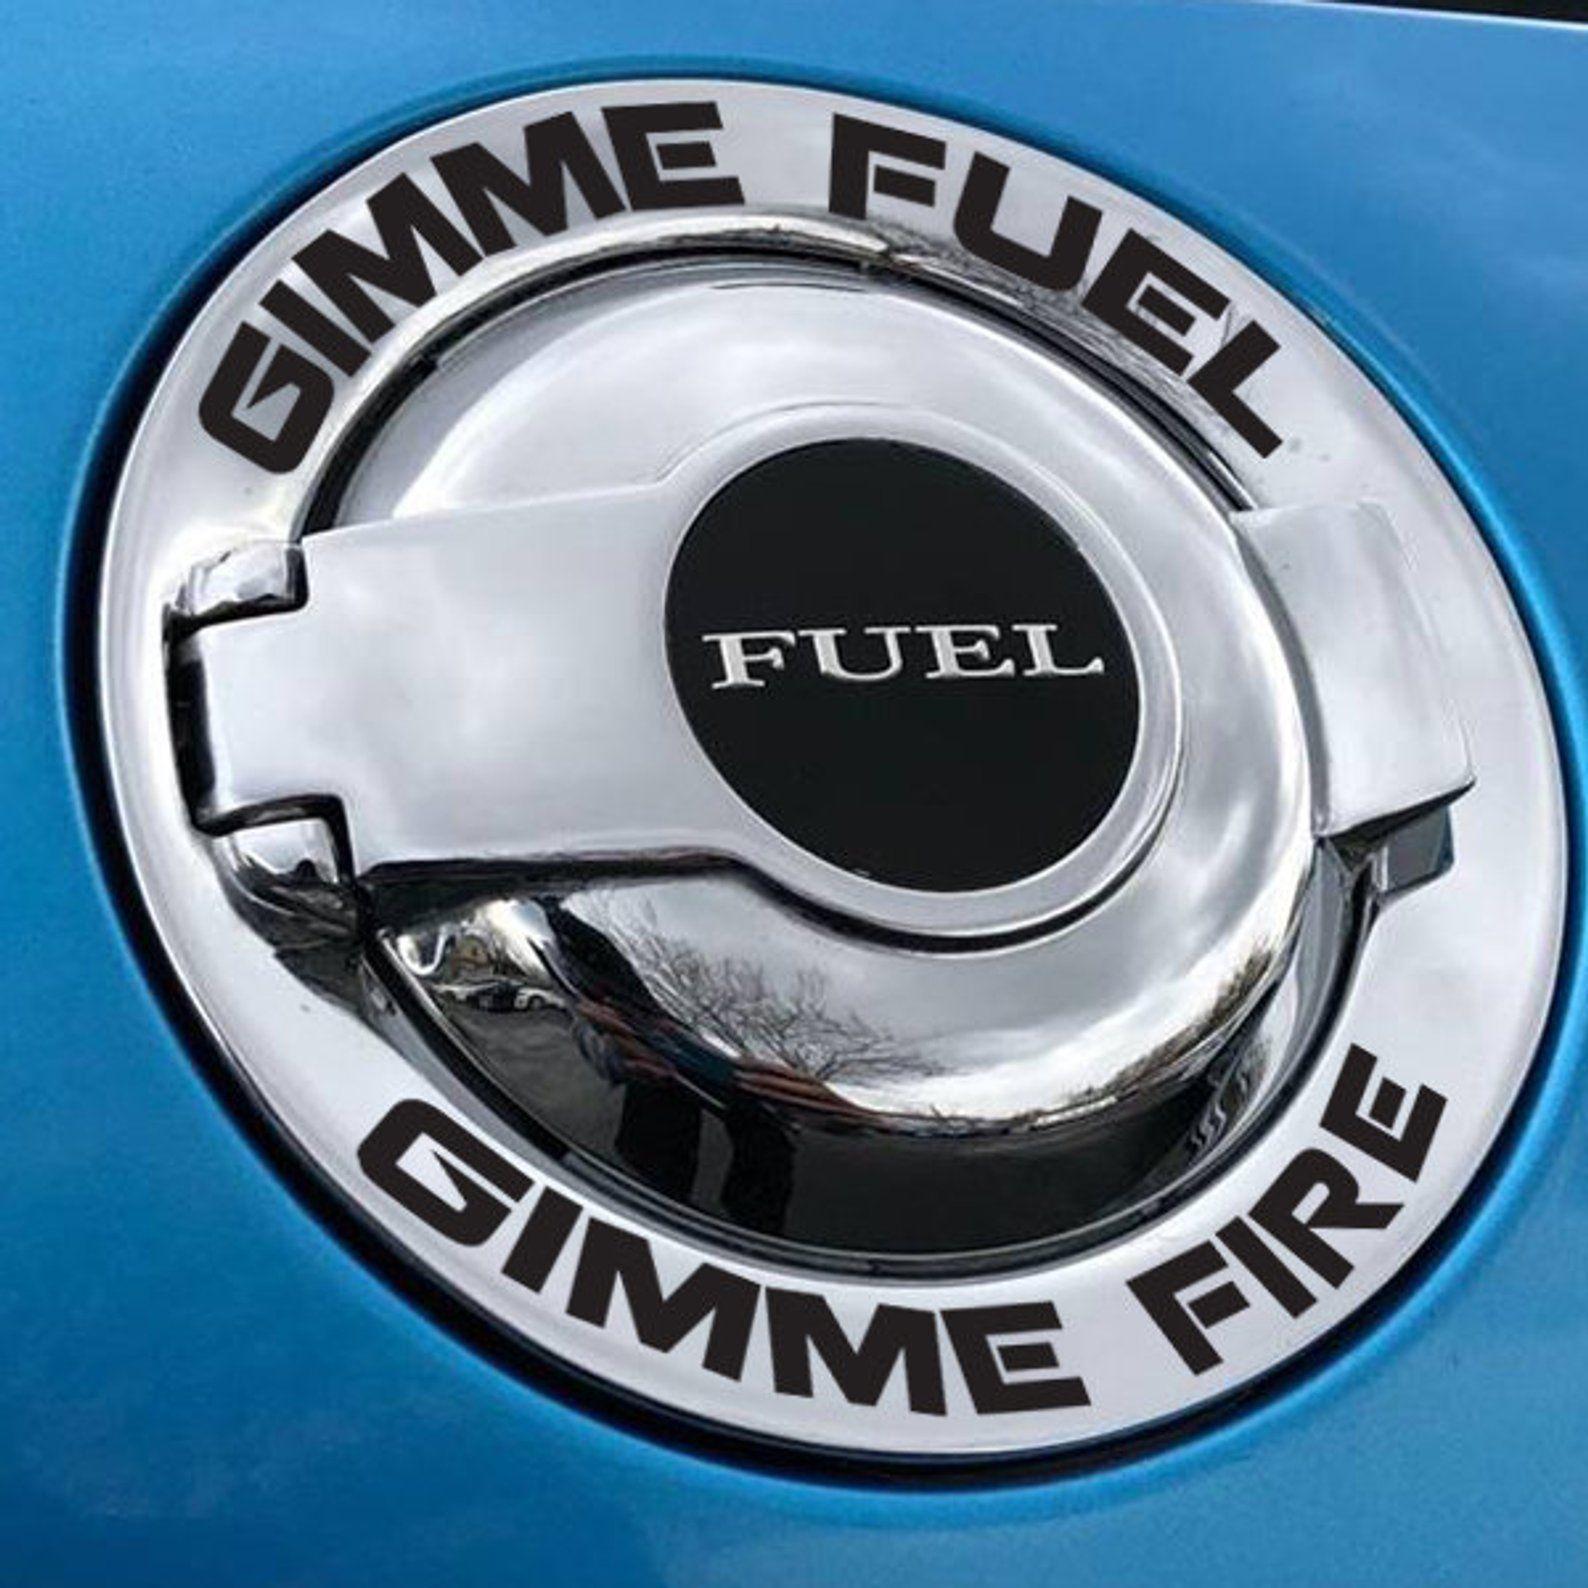 Gib Mir Kraftstoff Gimme Feuer Challenger Tankdeckel Aufkleber Etsy Challenger Fuel Fire [ 1588 x 1588 Pixel ]